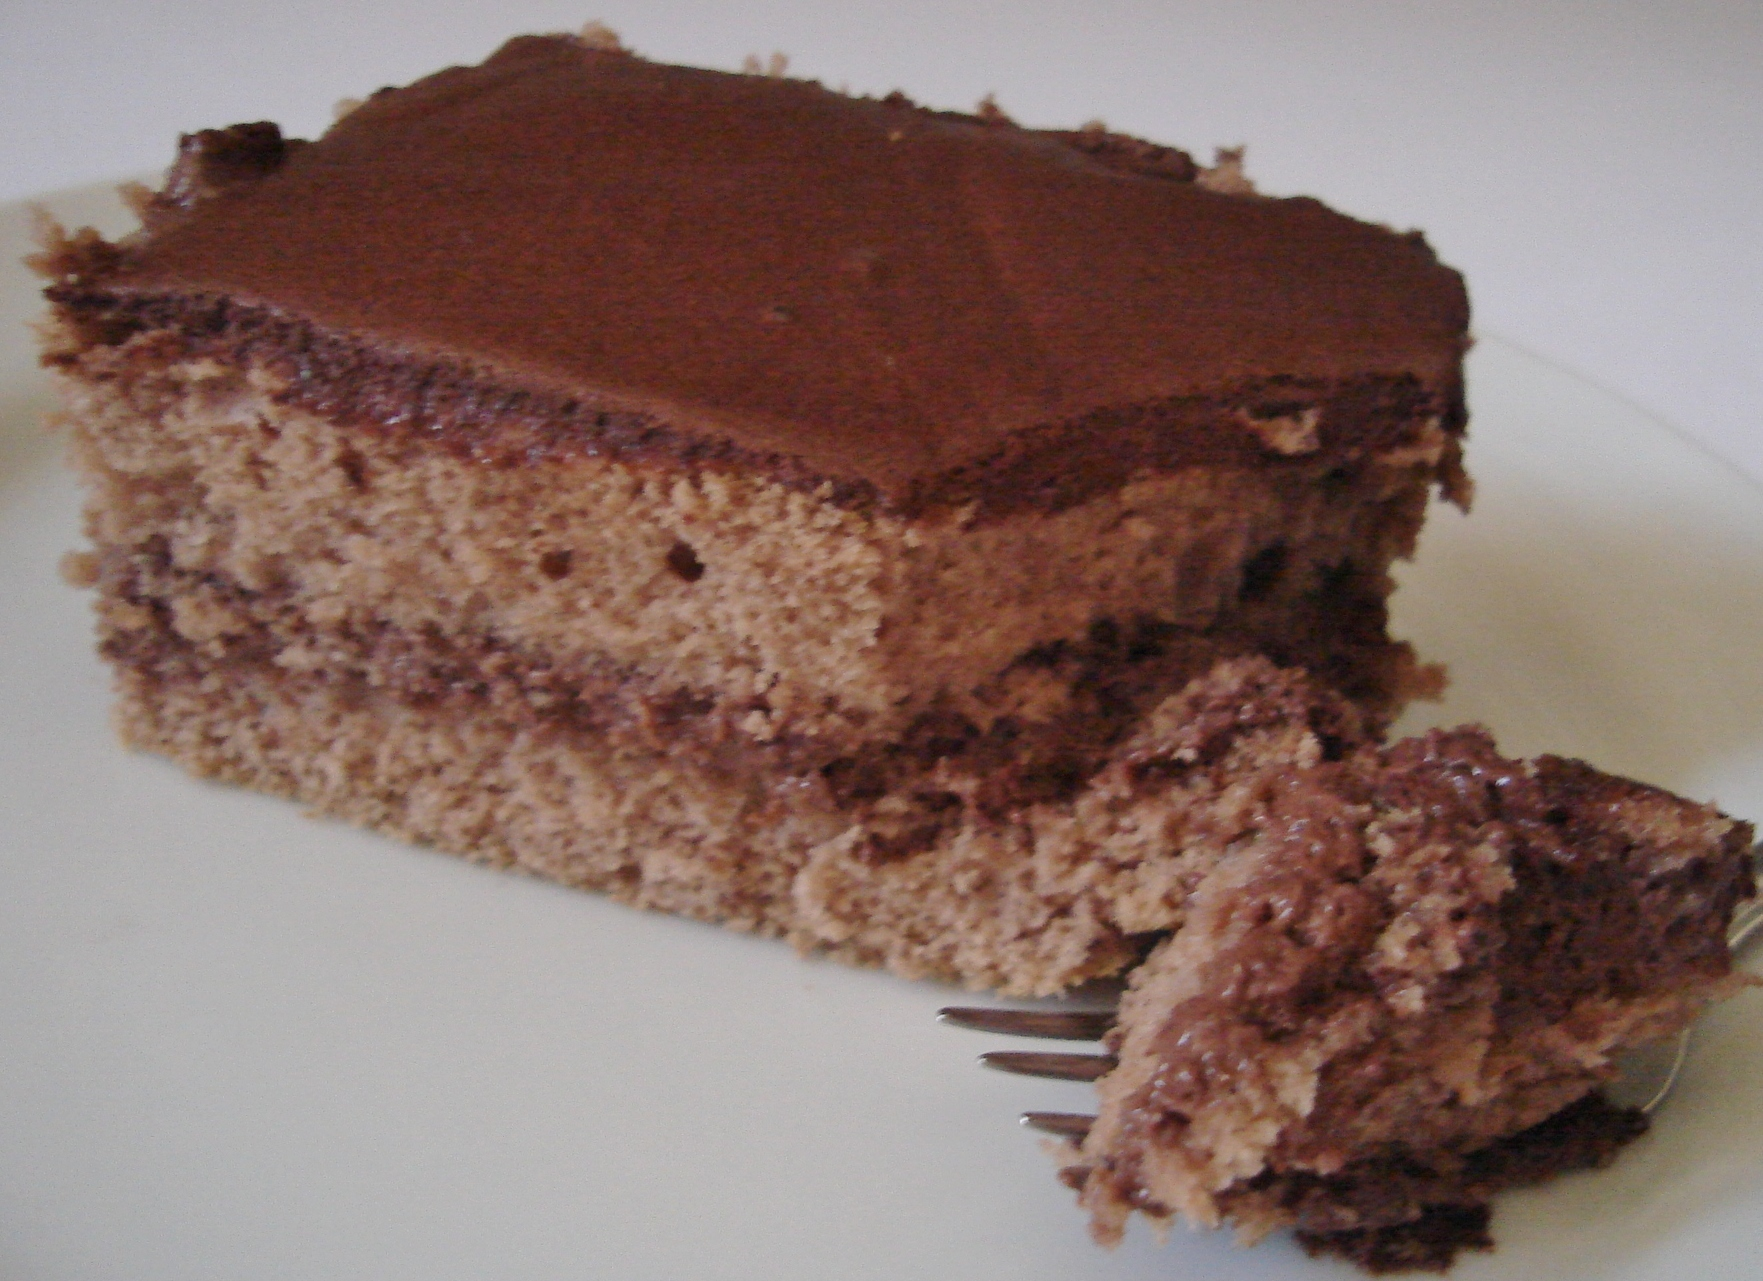 cobertura diet para bolo de baunilha